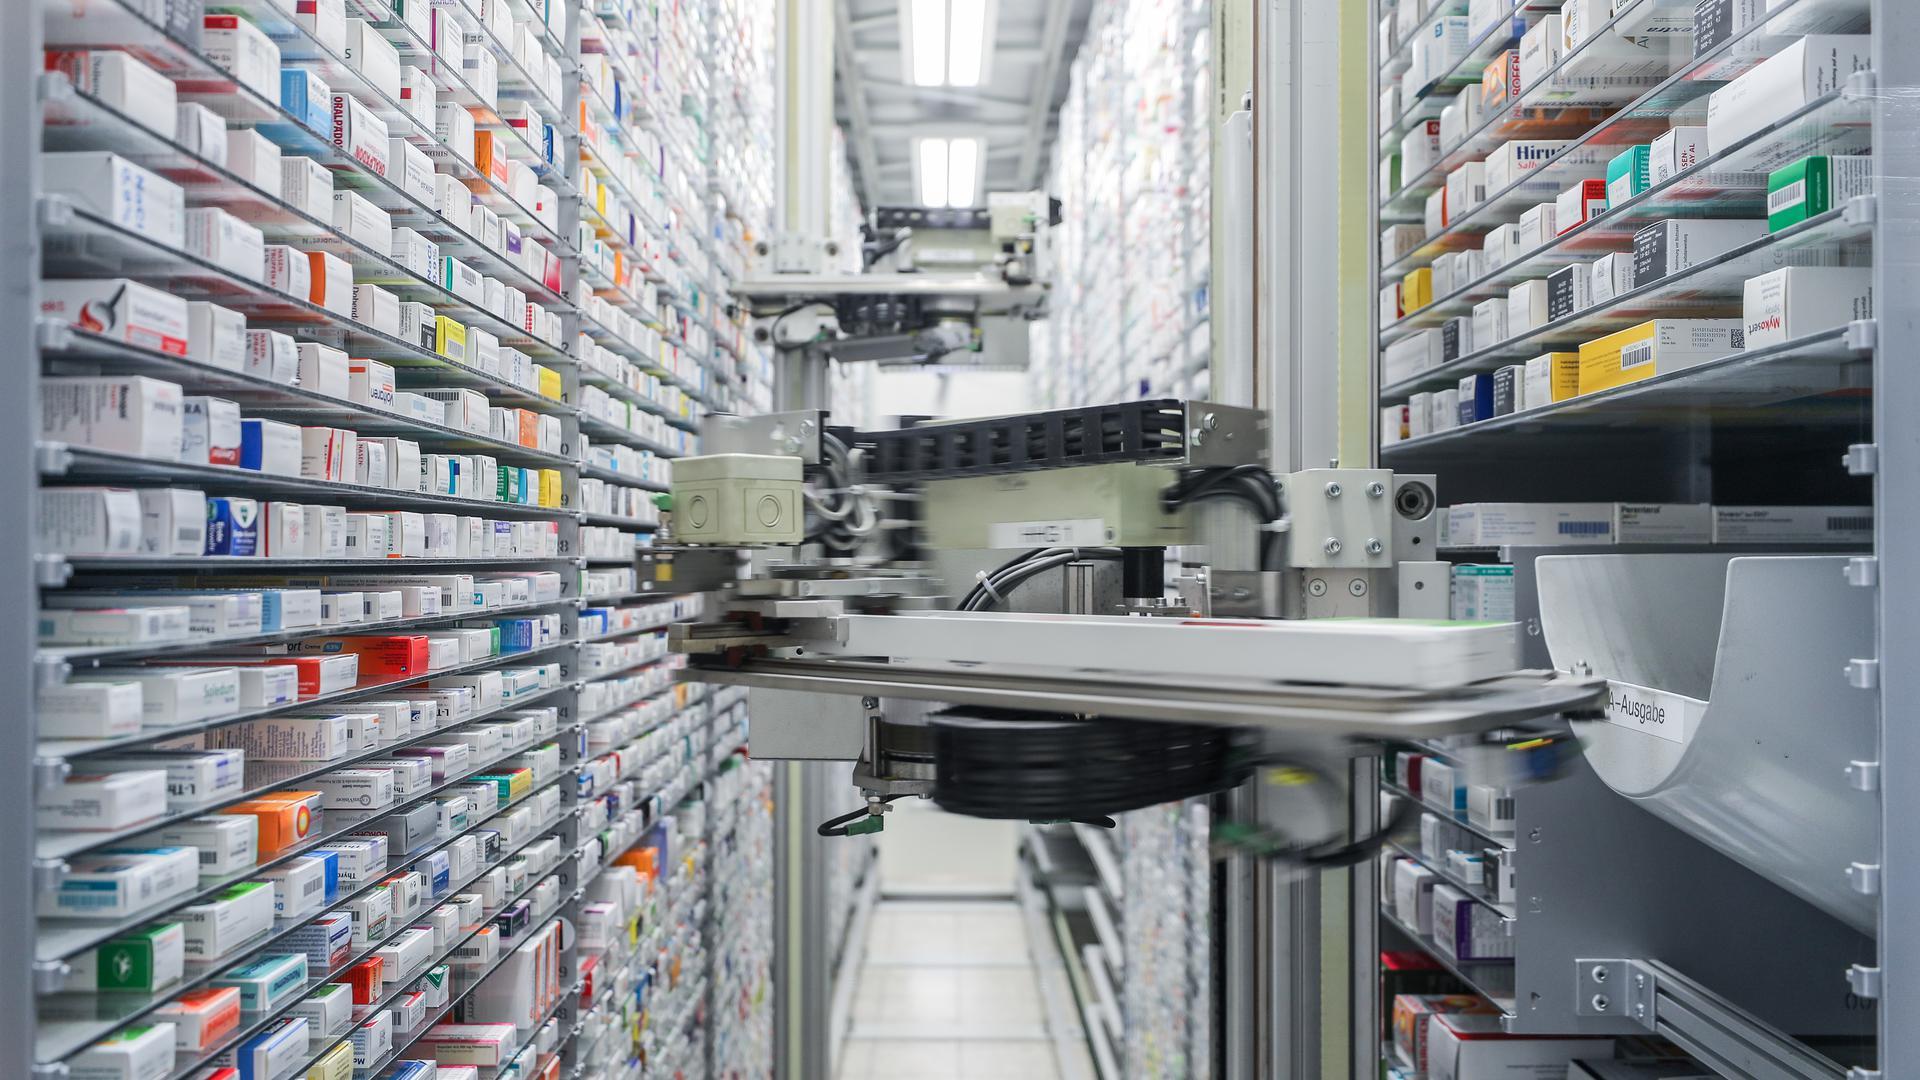 ARCHIV - 31.03.2020, Sachsen, Leipzig: Blick in das automatisierte Medikamentenlager einer Apotheke. Die Corona-Pandemie könnte zum Risiko für die ausreichende Lieferung von Medikamenten und Impfstoffen werden. Ärzte, Apotheker und Hersteller erklären, wie man gegensteuert. (zu dpa «Corona-Effekt: Lieferengpässe für Medikamente möglich») Foto: Jan Woitas/dpa-Zentralbild/dpa +++ dpa-Bildfunk +++ | Verwendung weltweit